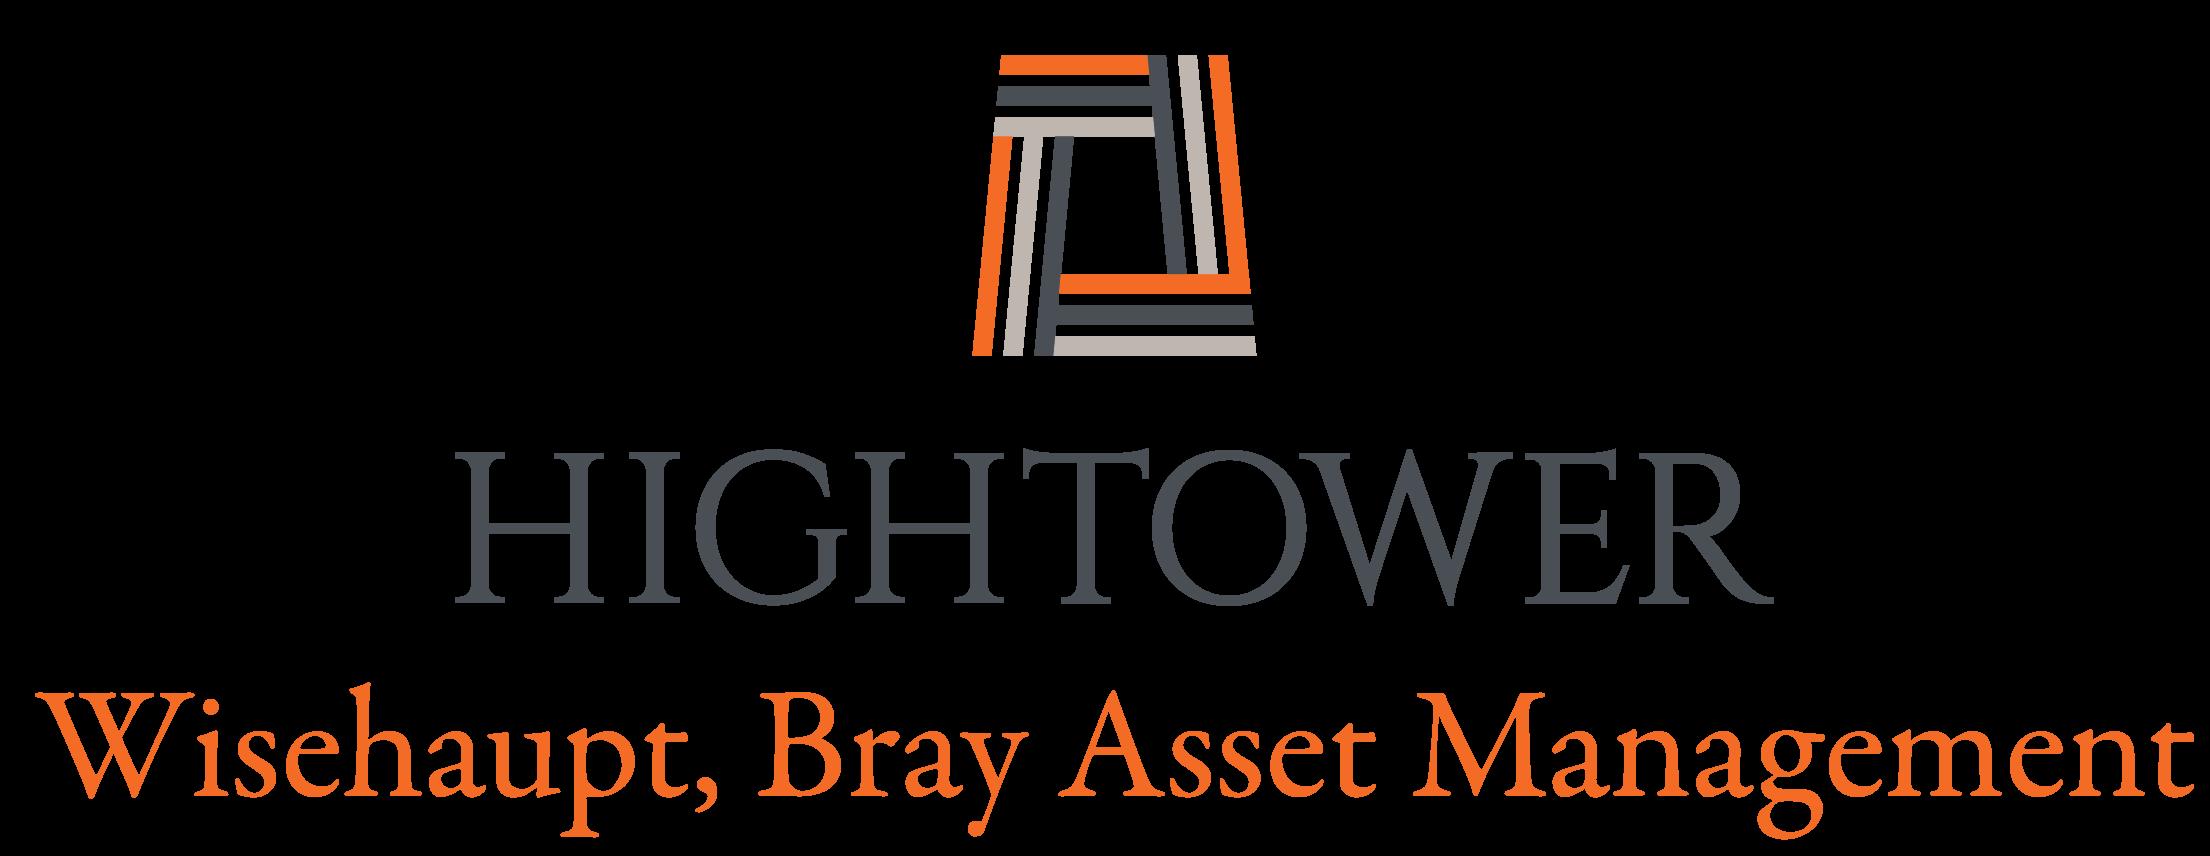 Hightower Wisehaupt, Bray Asset Management Logo